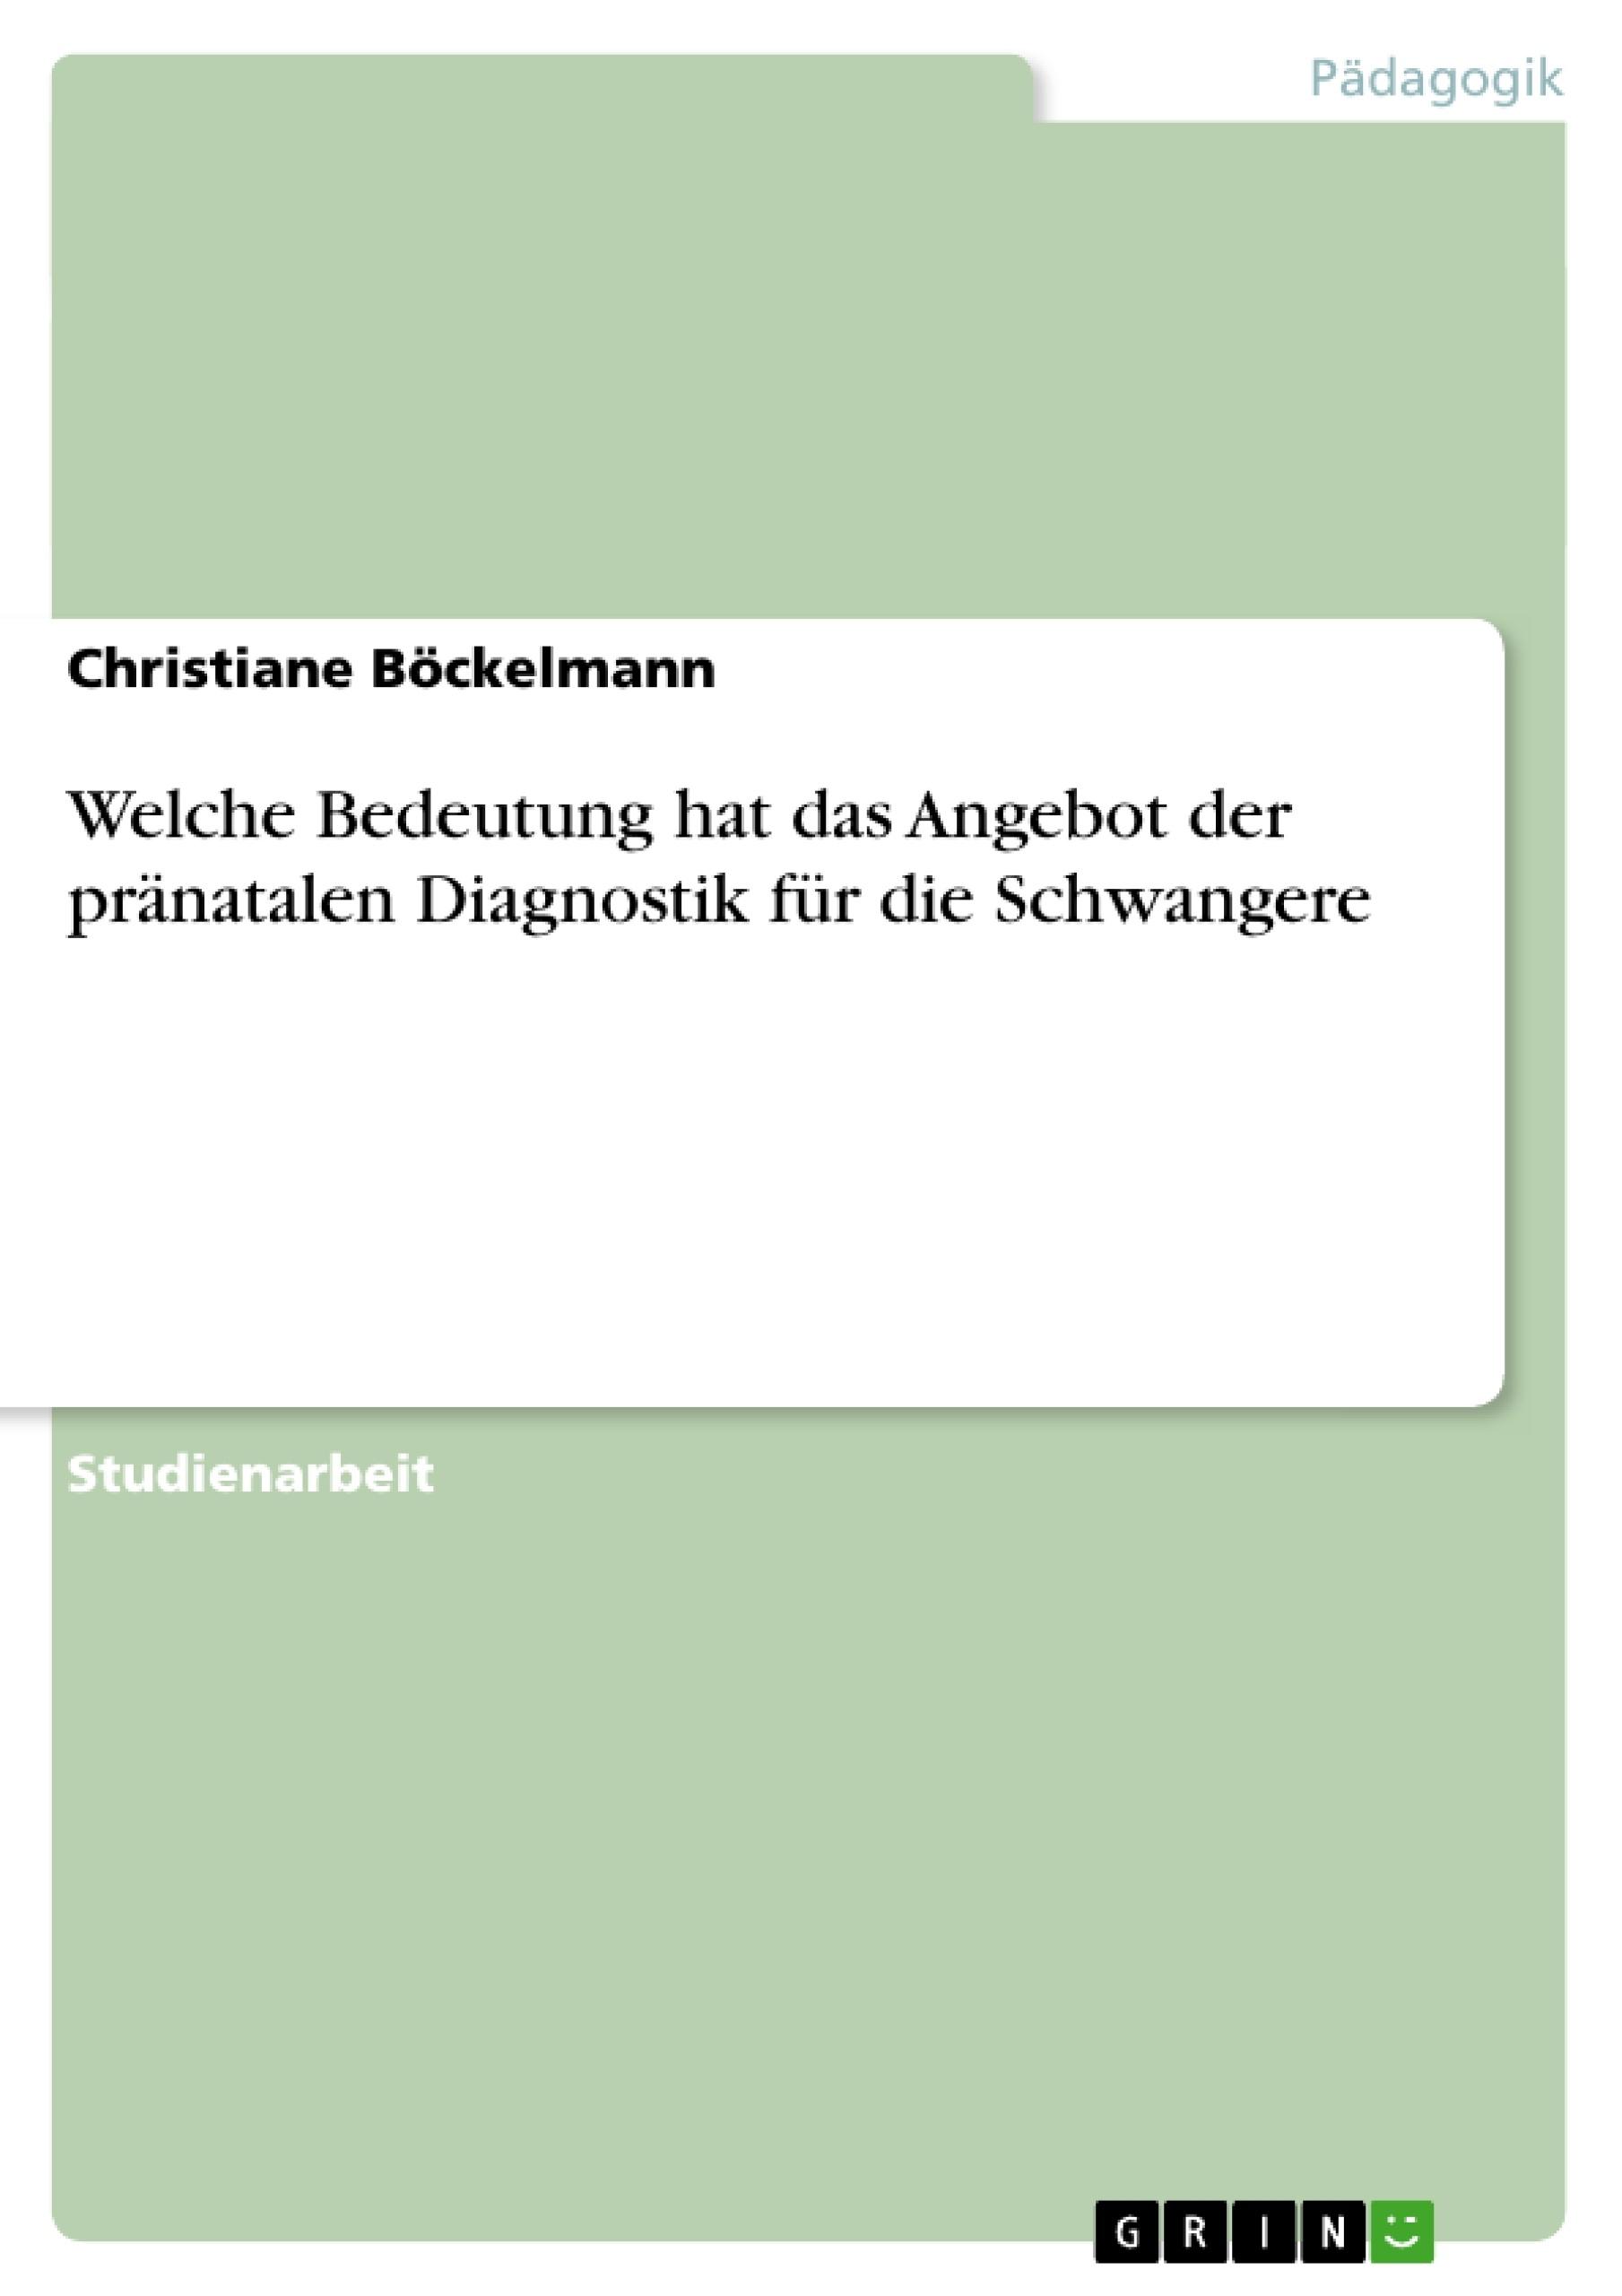 Titel: Welche Bedeutung hat das Angebot der pränatalen Diagnostik für die Schwangere